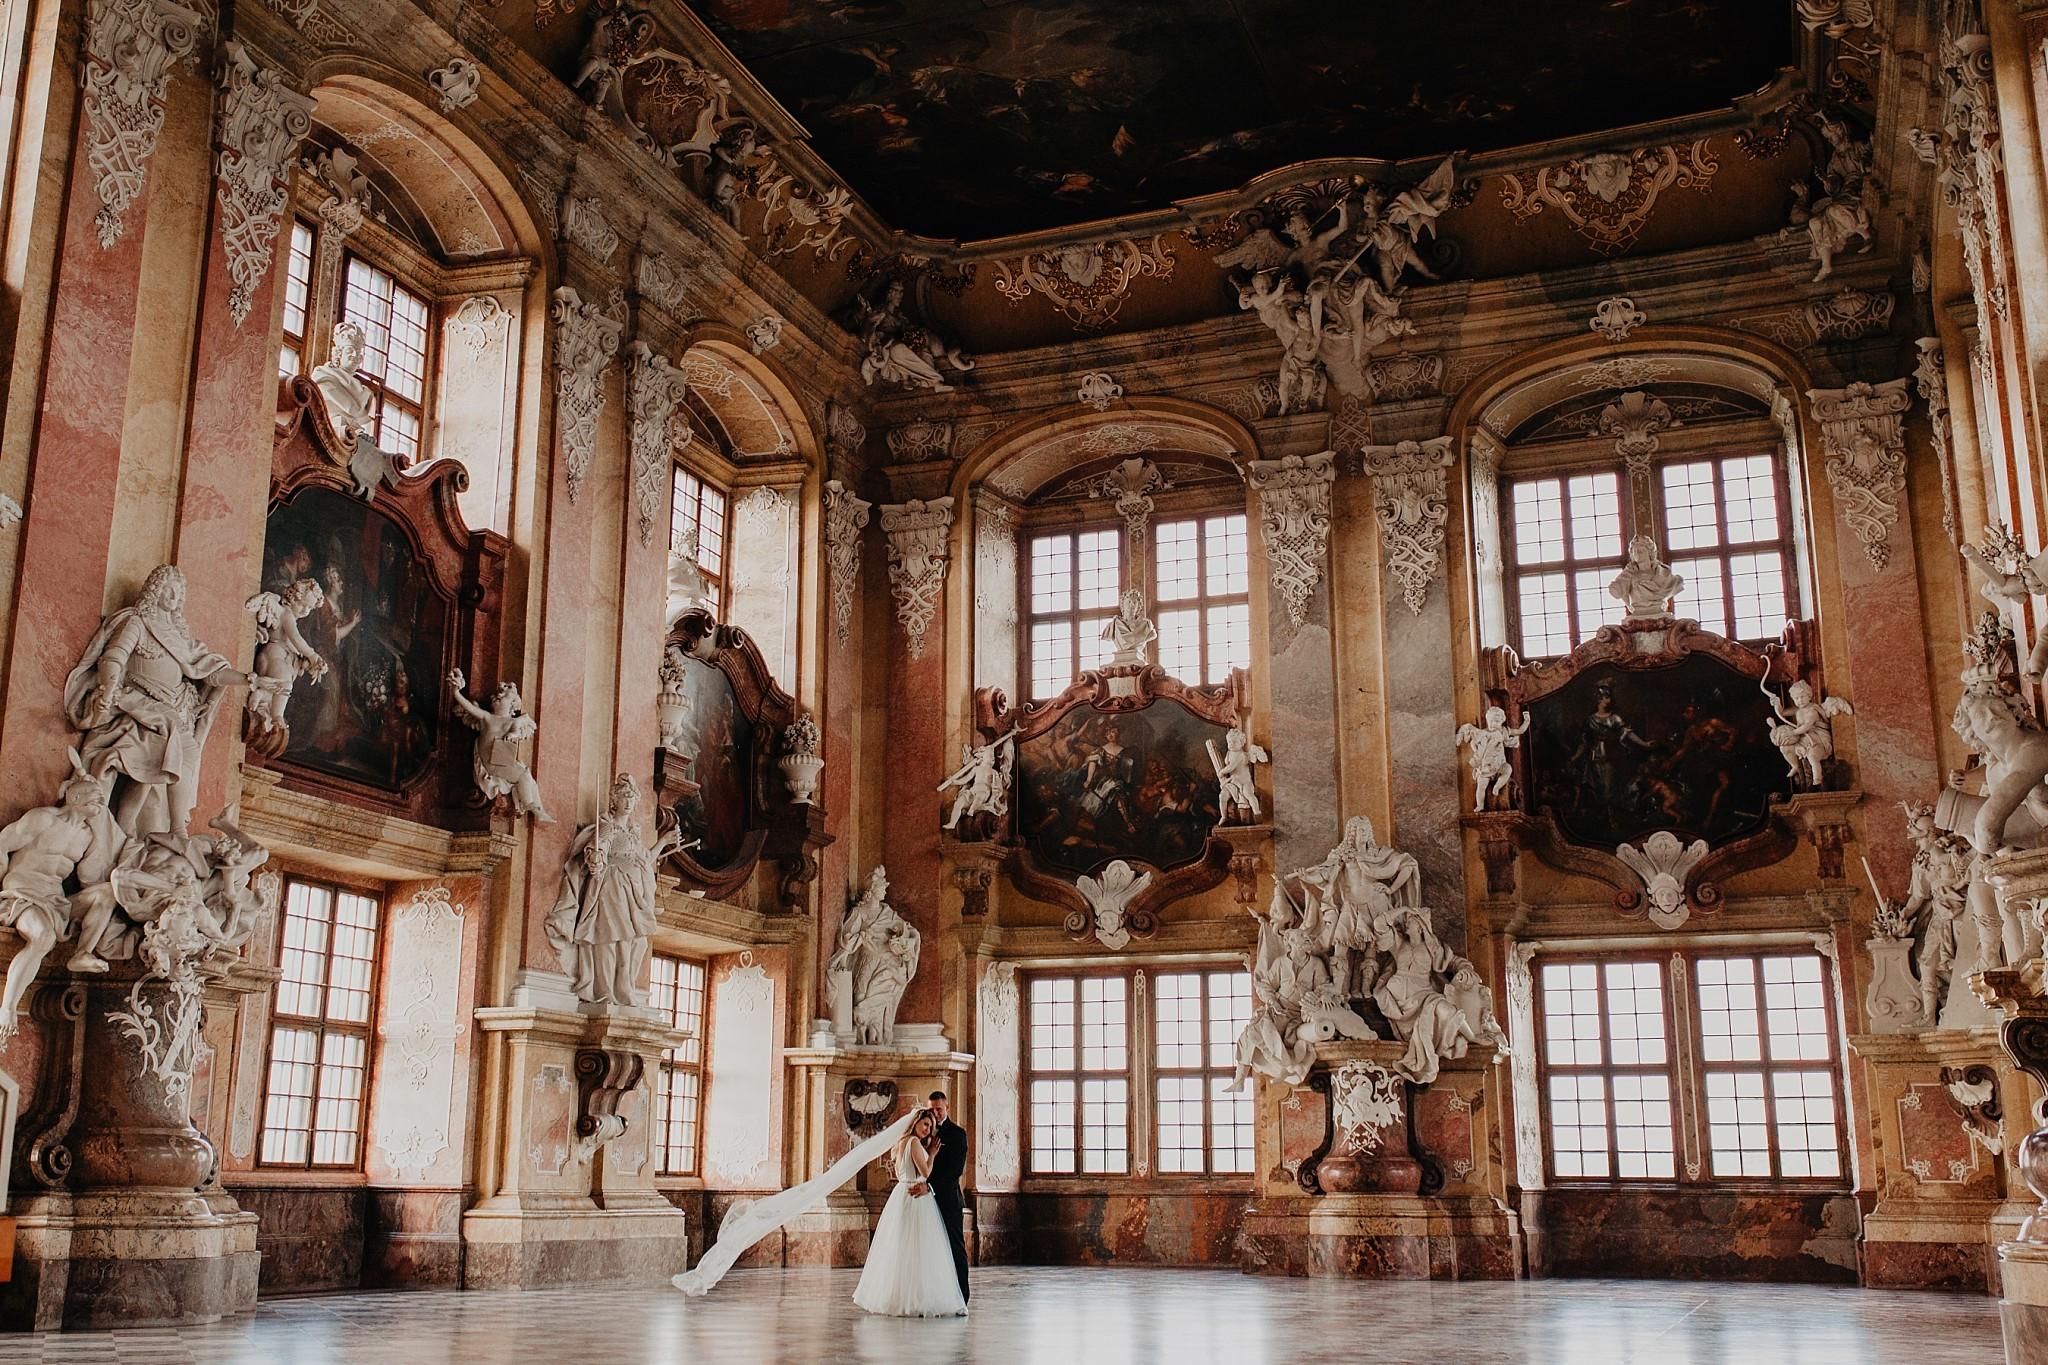 lubiaz opactwo cystersow sesja na zamku sesja zdjeciowa sesja slubna w palacu sesja palac fotograf z poznania fotografia slubna poznan 068